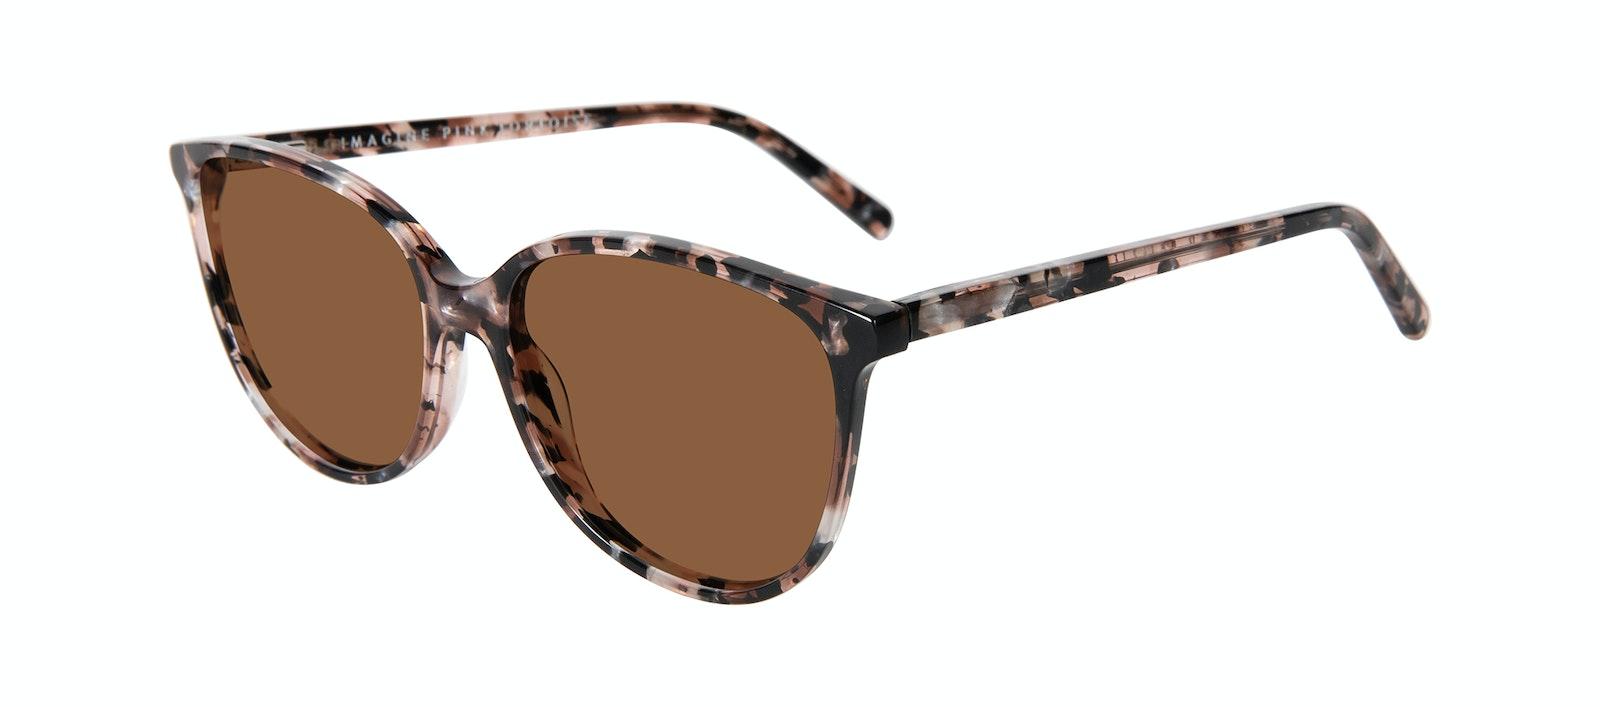 Lunettes tendance Oeil de chat Lunettes de soleil Femmes Imagine M Pink Tortoise Incliné